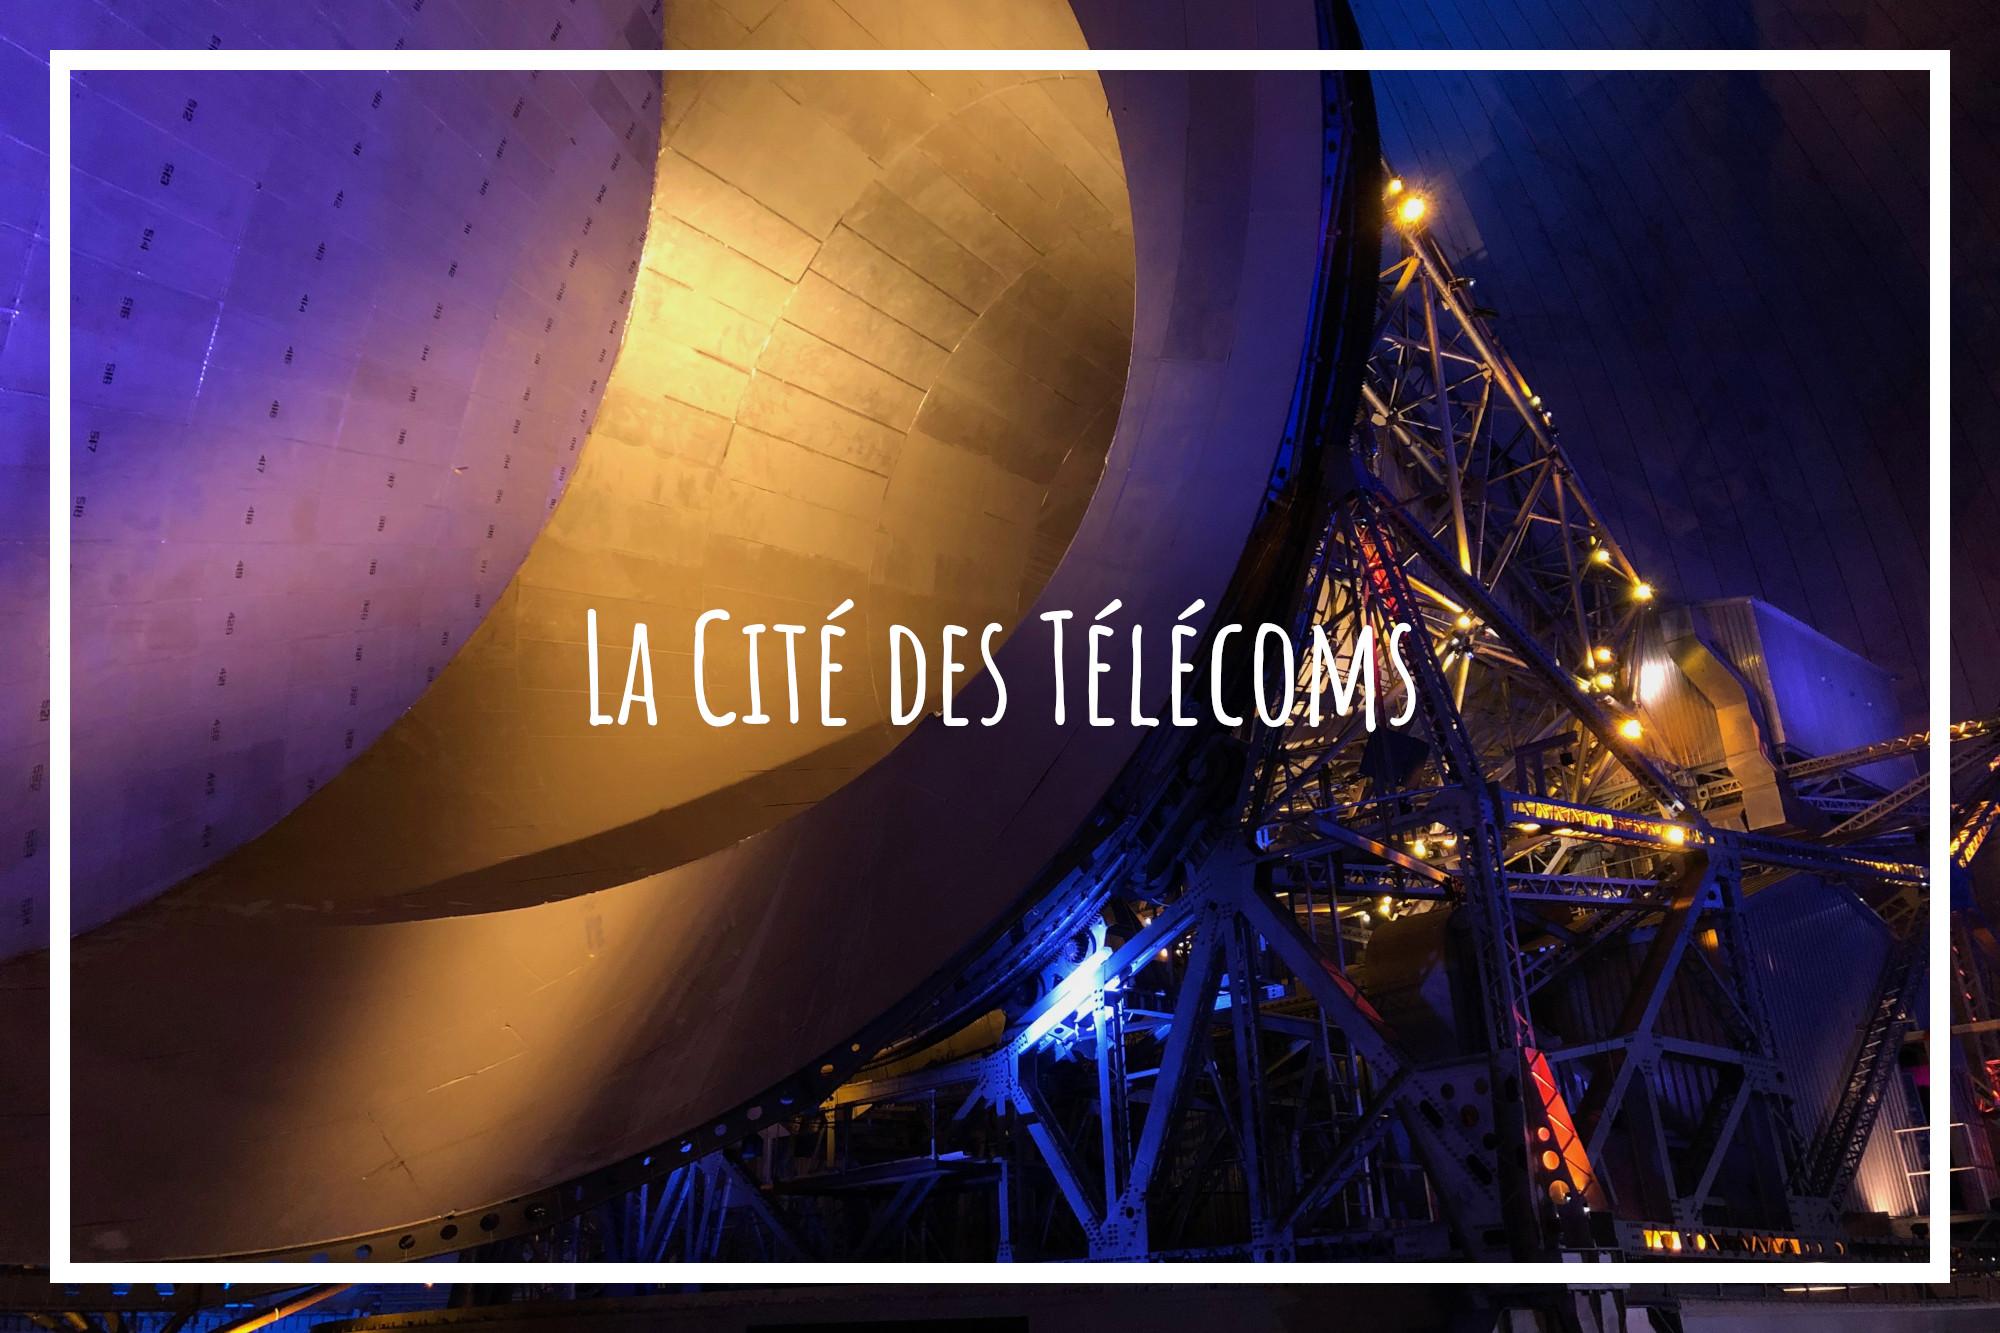 La Cité des Télécoms